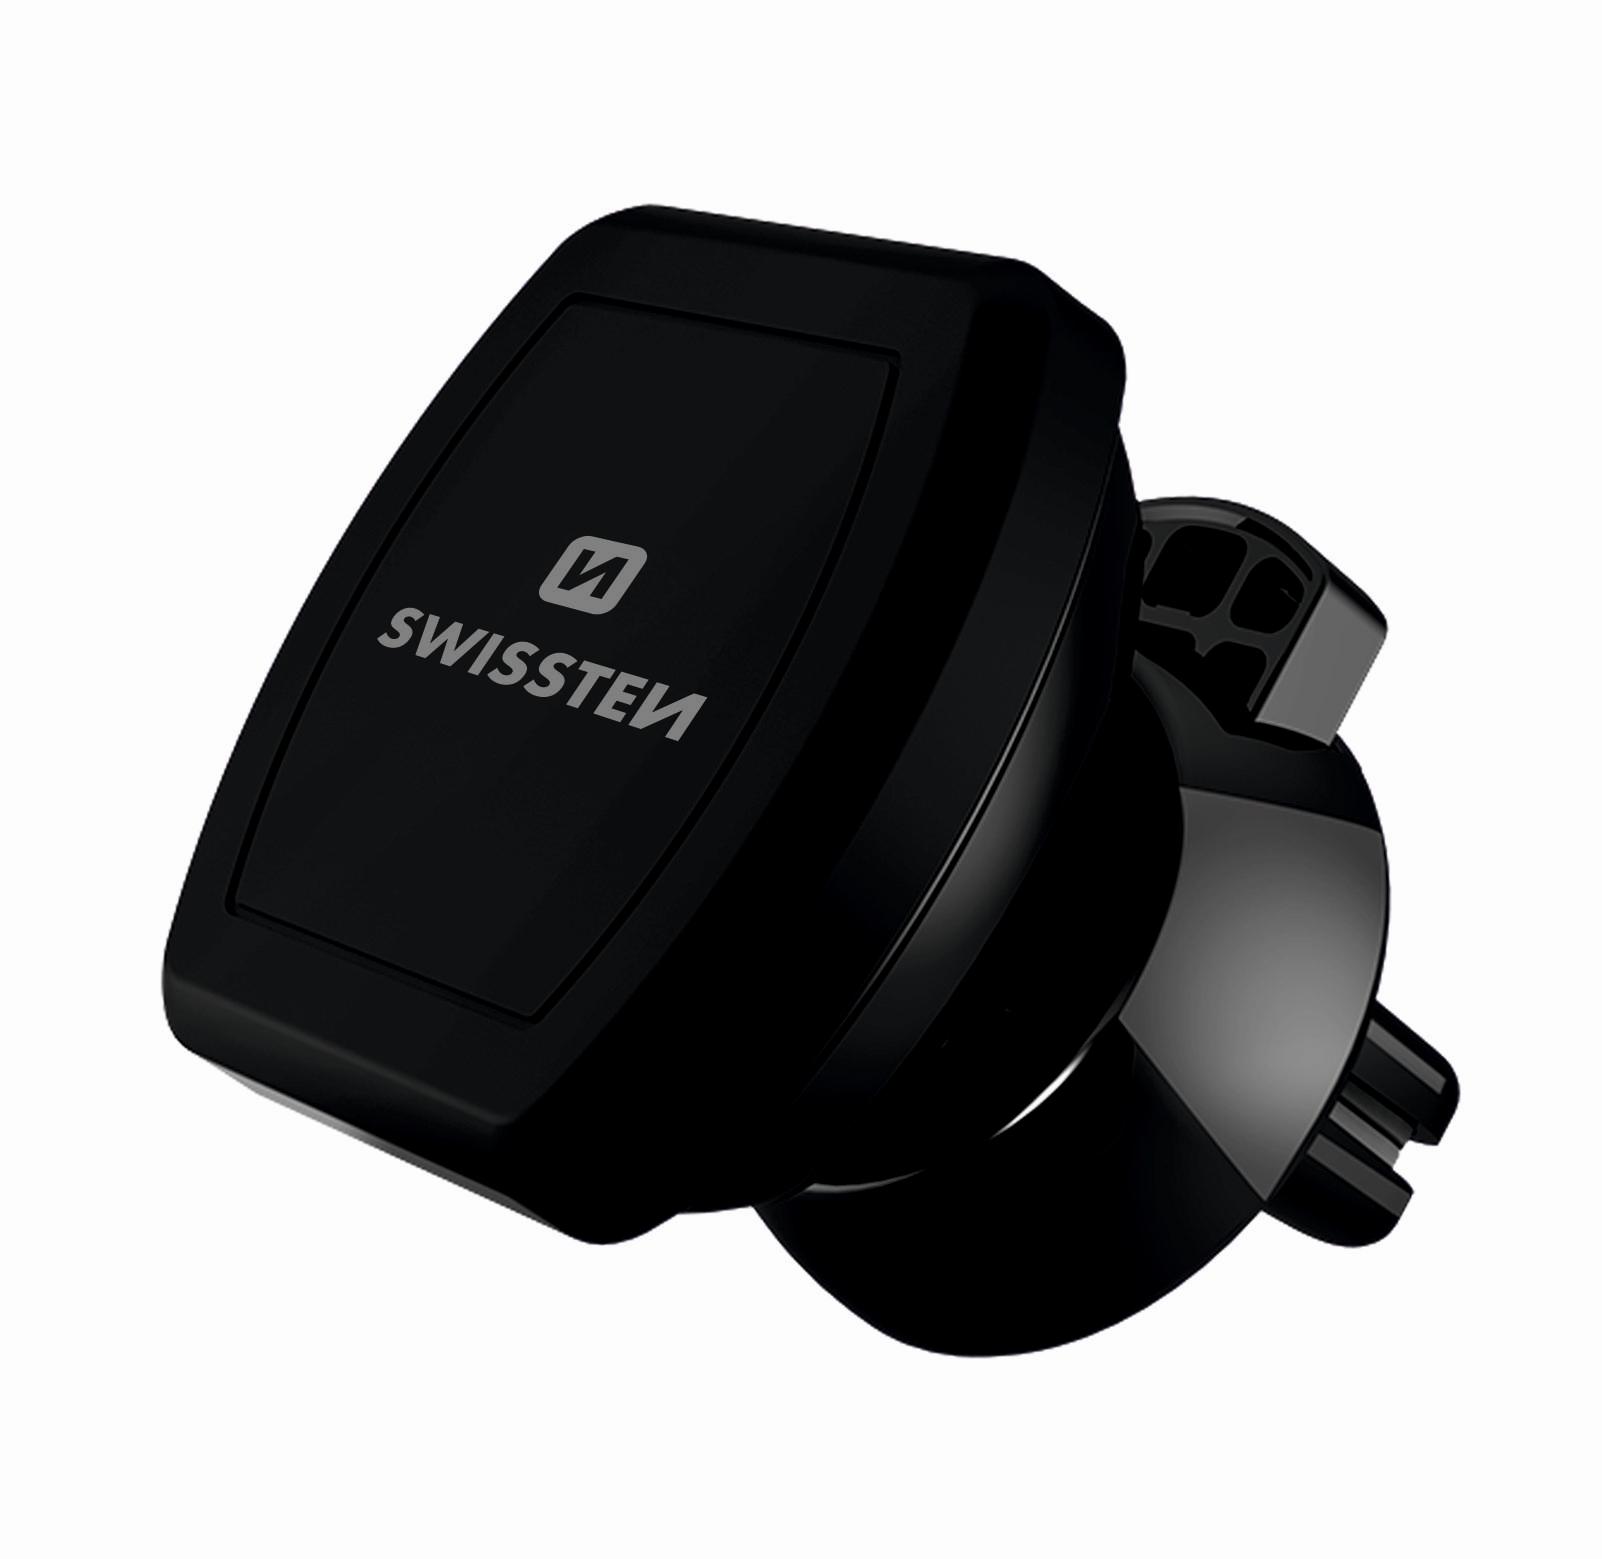 Magnetický držák do mřížky ventilace pro iPhone - SWISSTEN, S-GRIP M3